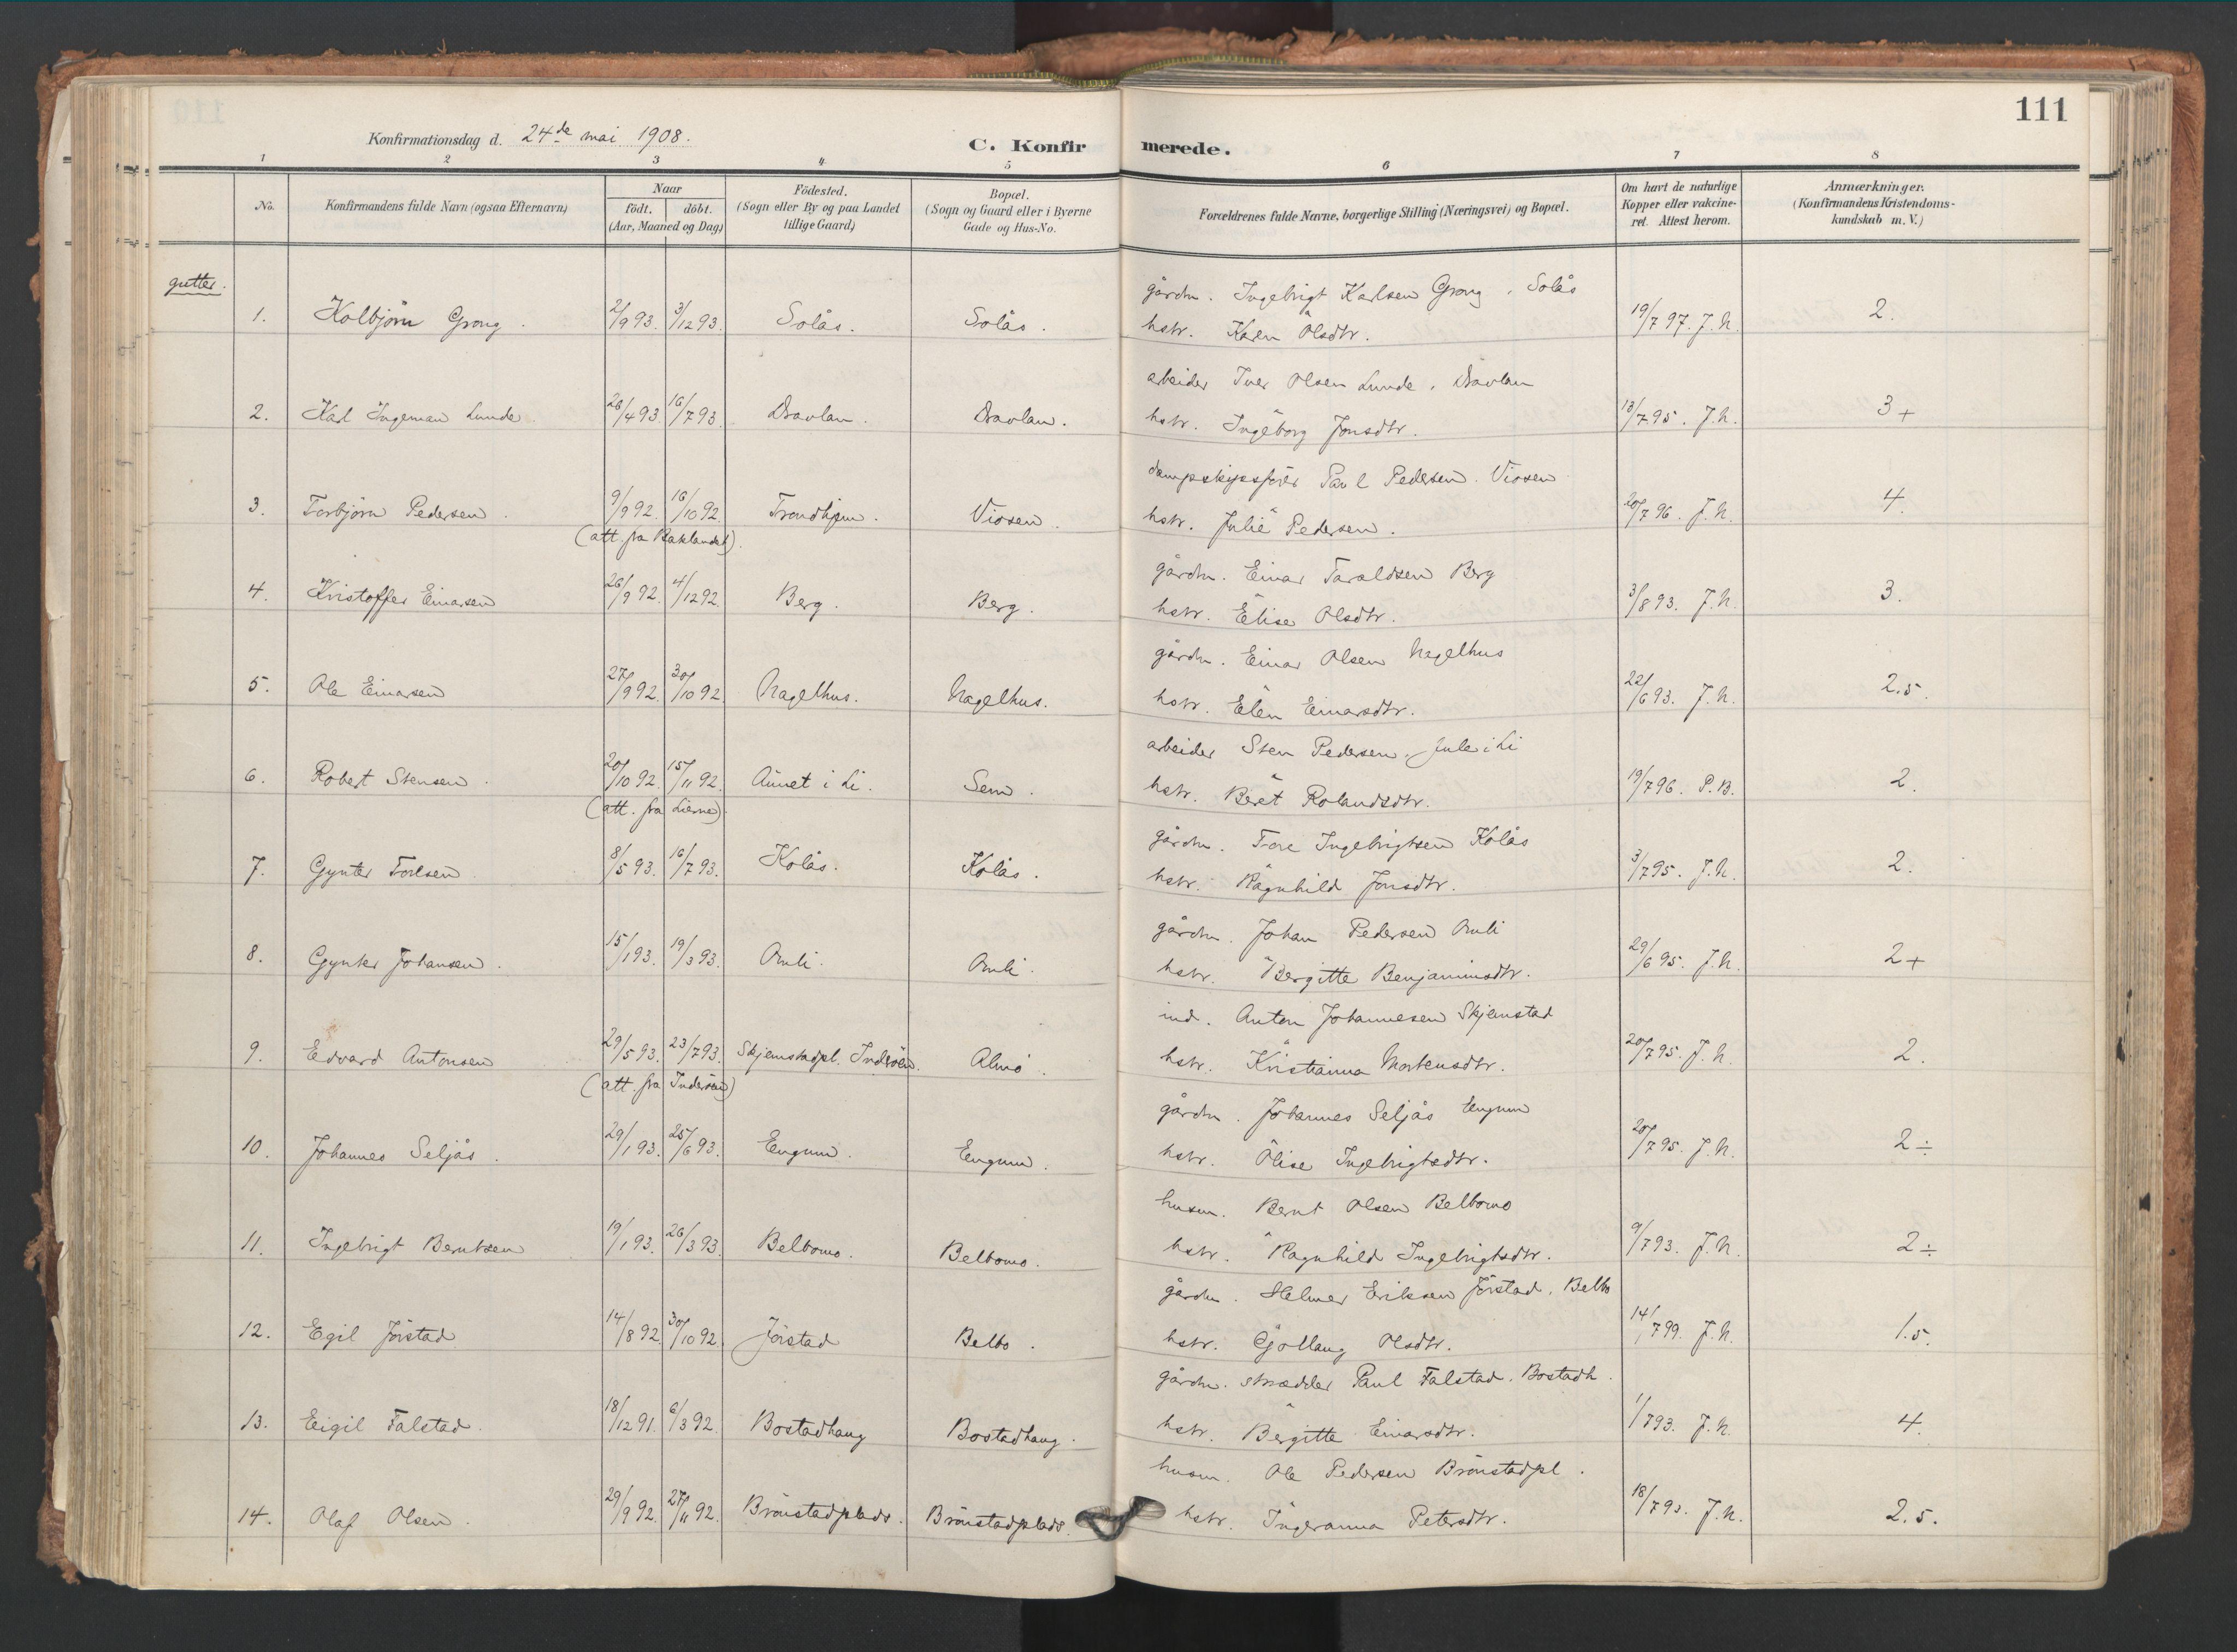 SAT, Ministerialprotokoller, klokkerbøker og fødselsregistre - Nord-Trøndelag, 749/L0477: Ministerialbok nr. 749A11, 1902-1927, s. 111